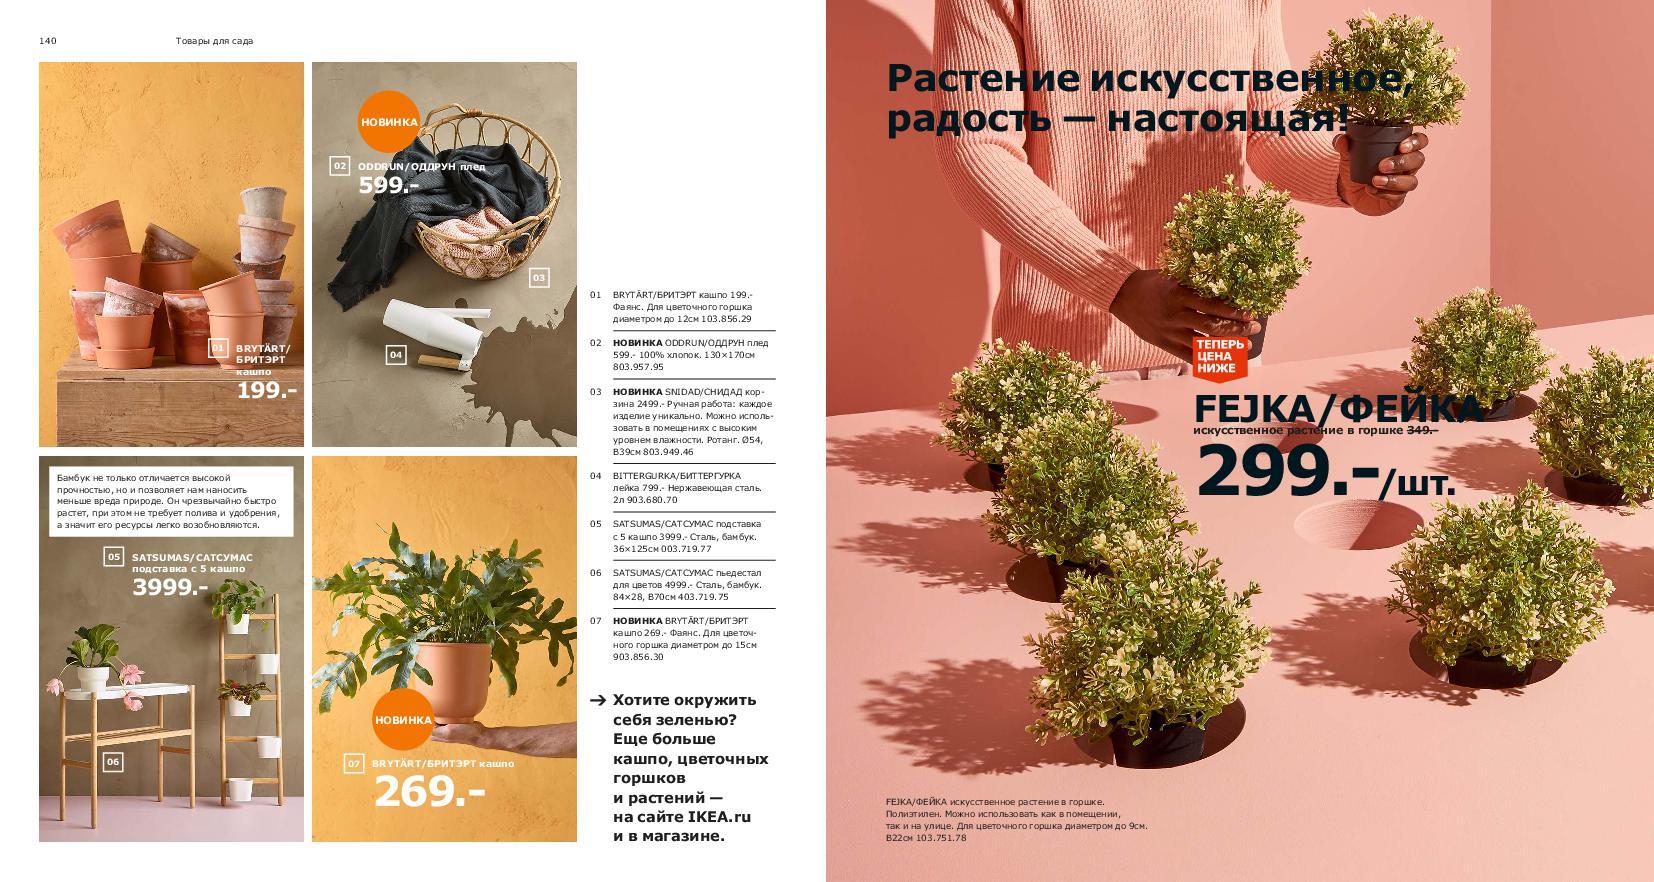 IKEA_catalogue_2019-71